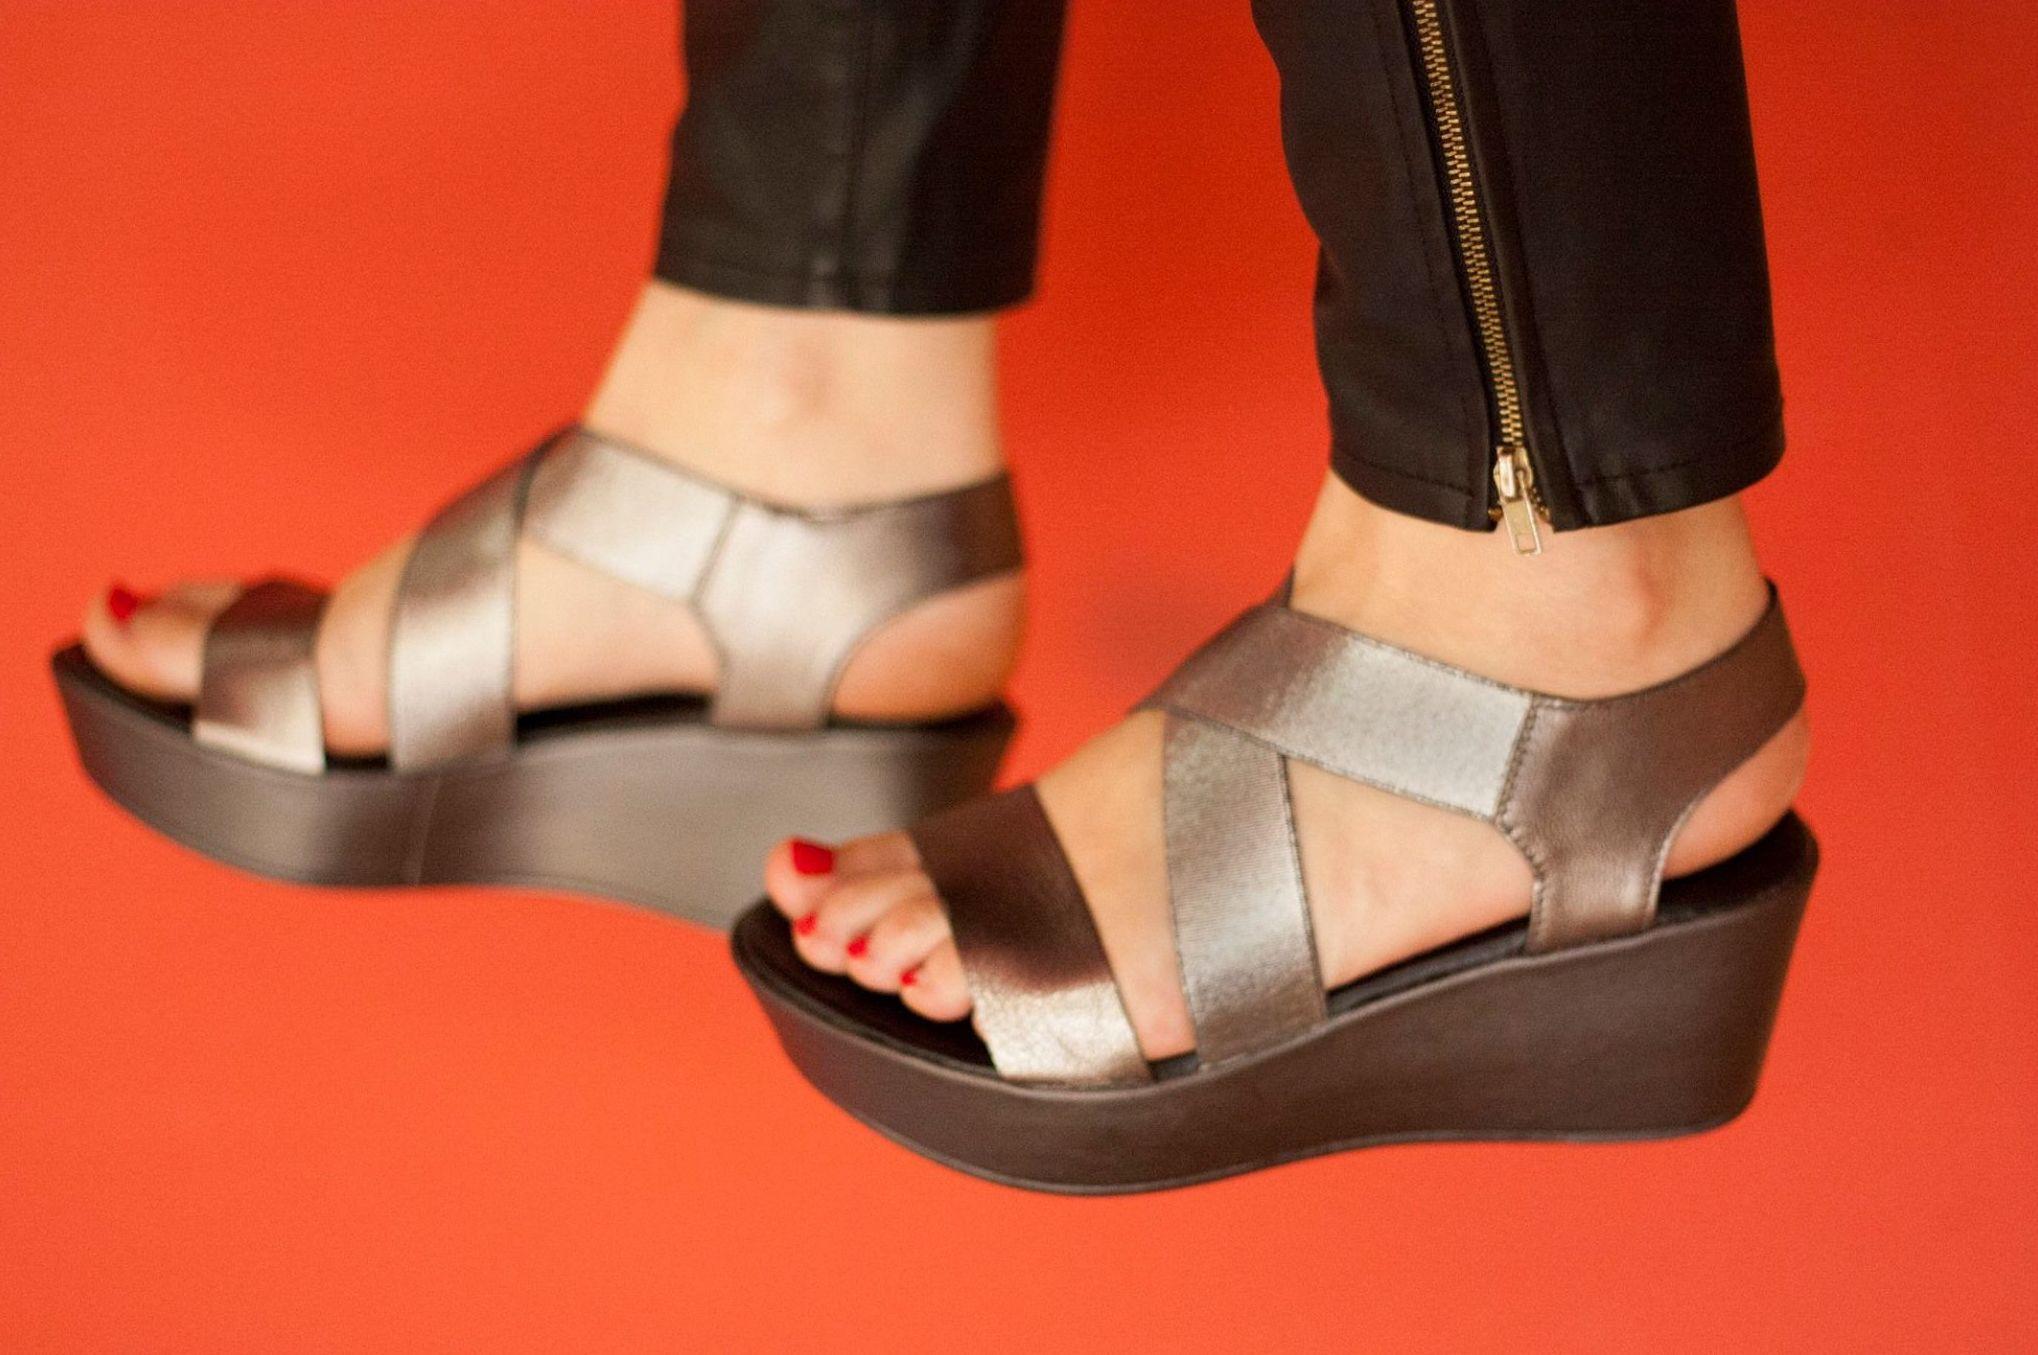 Sandalias abiertas de señoras para verano en Arteixo